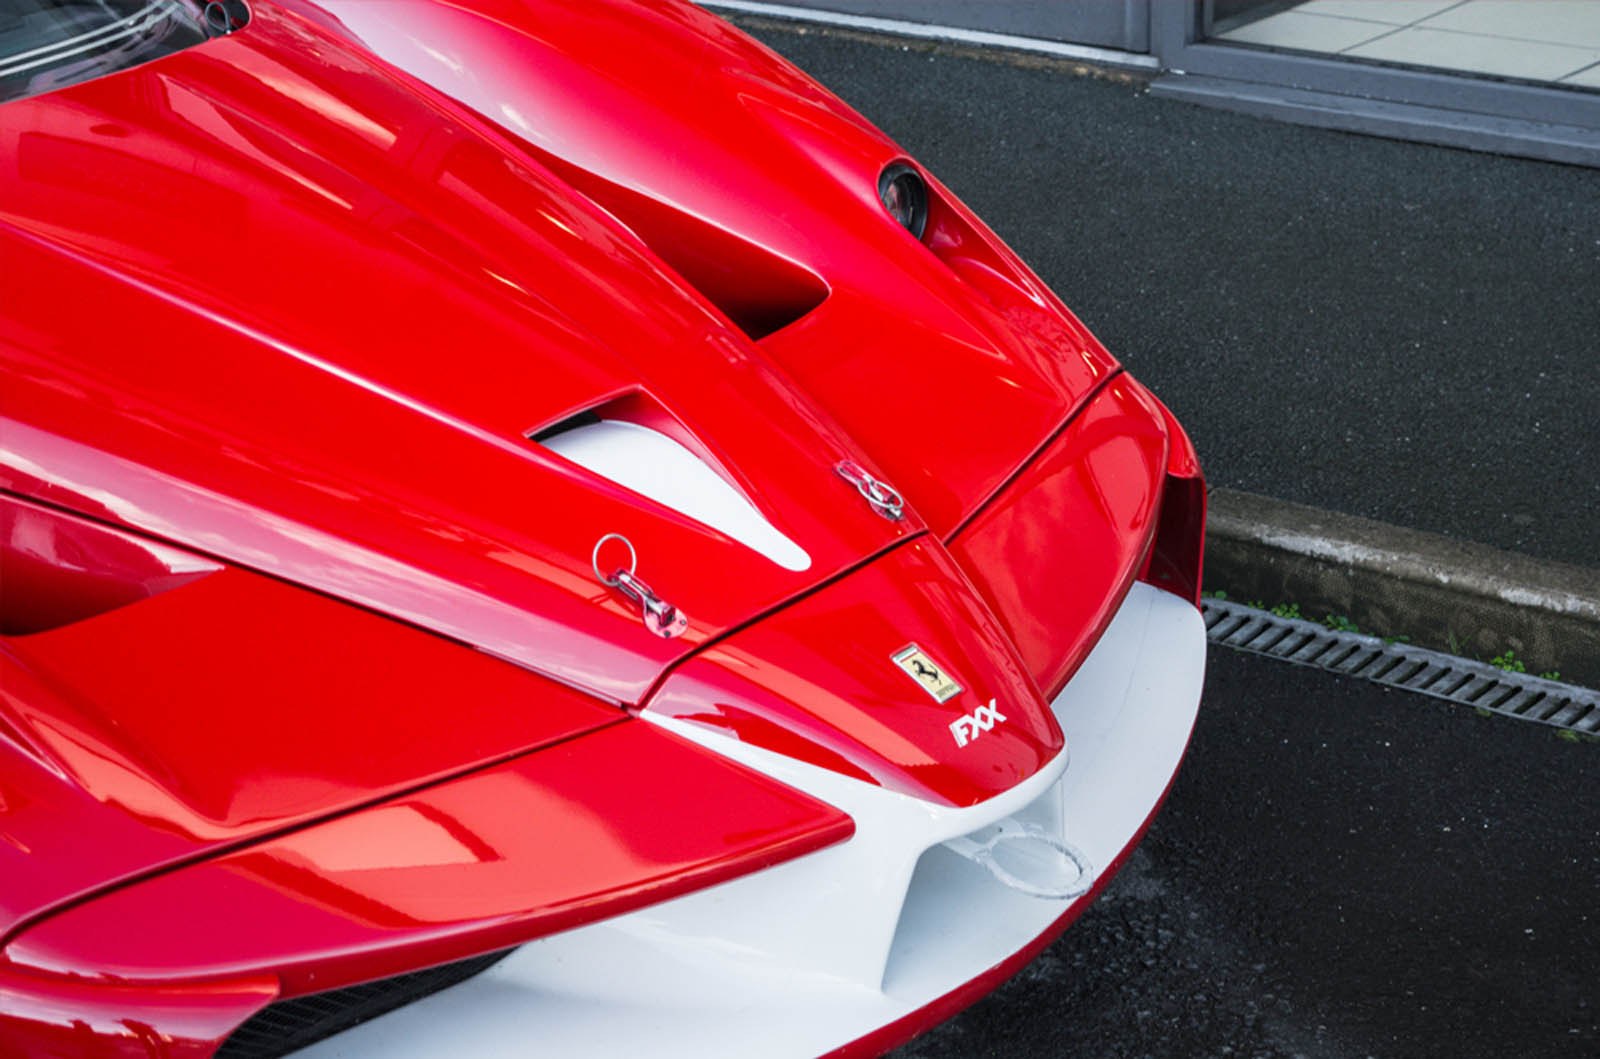 Ferrari_FXX_Evoluzione_for_sale_28